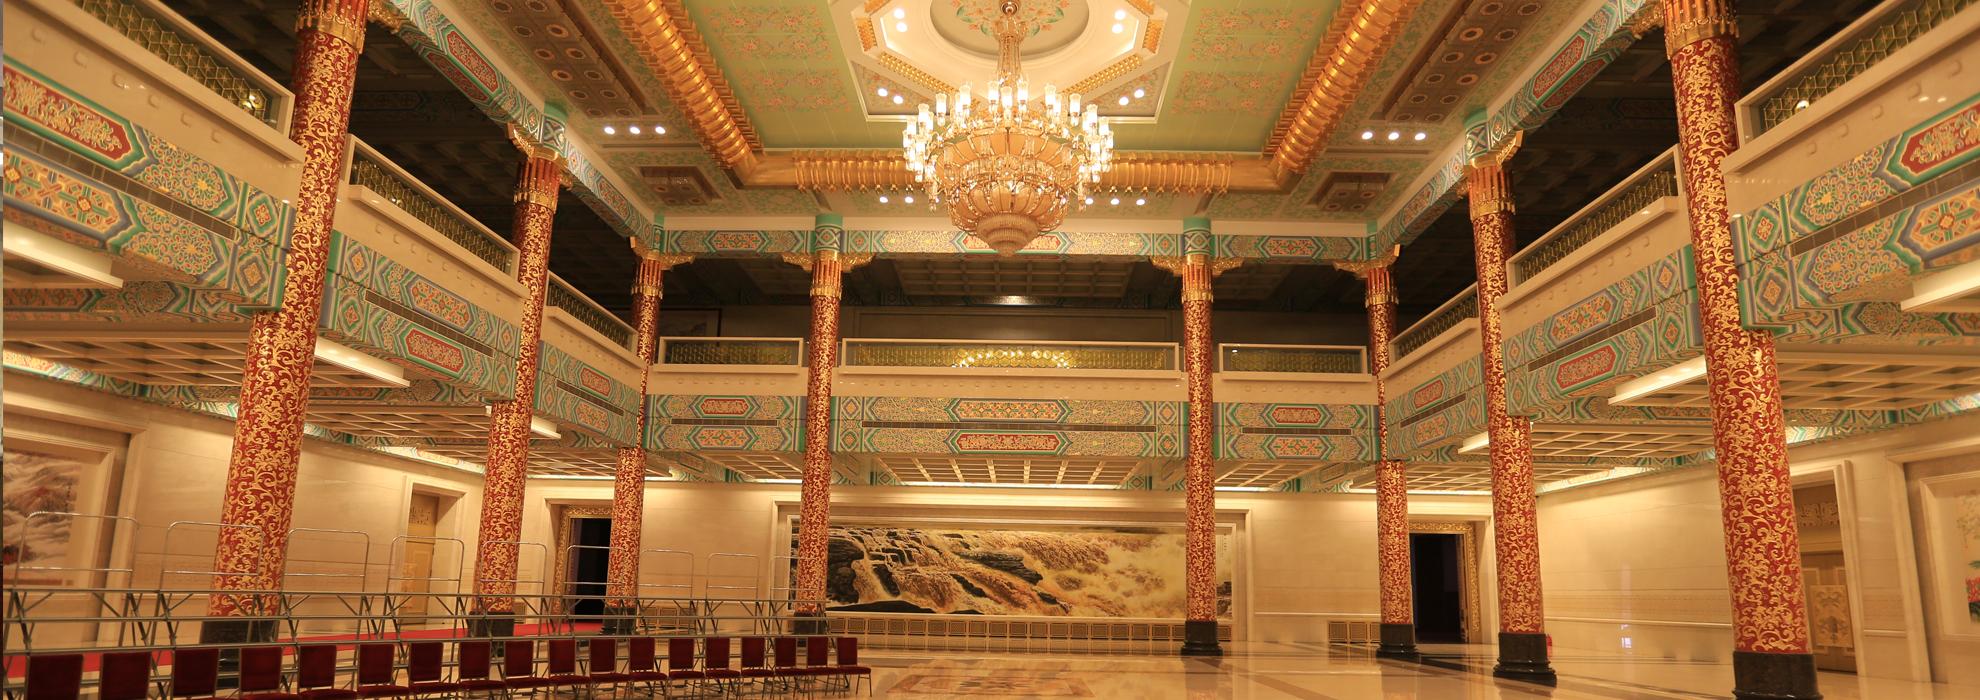 人民大会堂·金色大厅